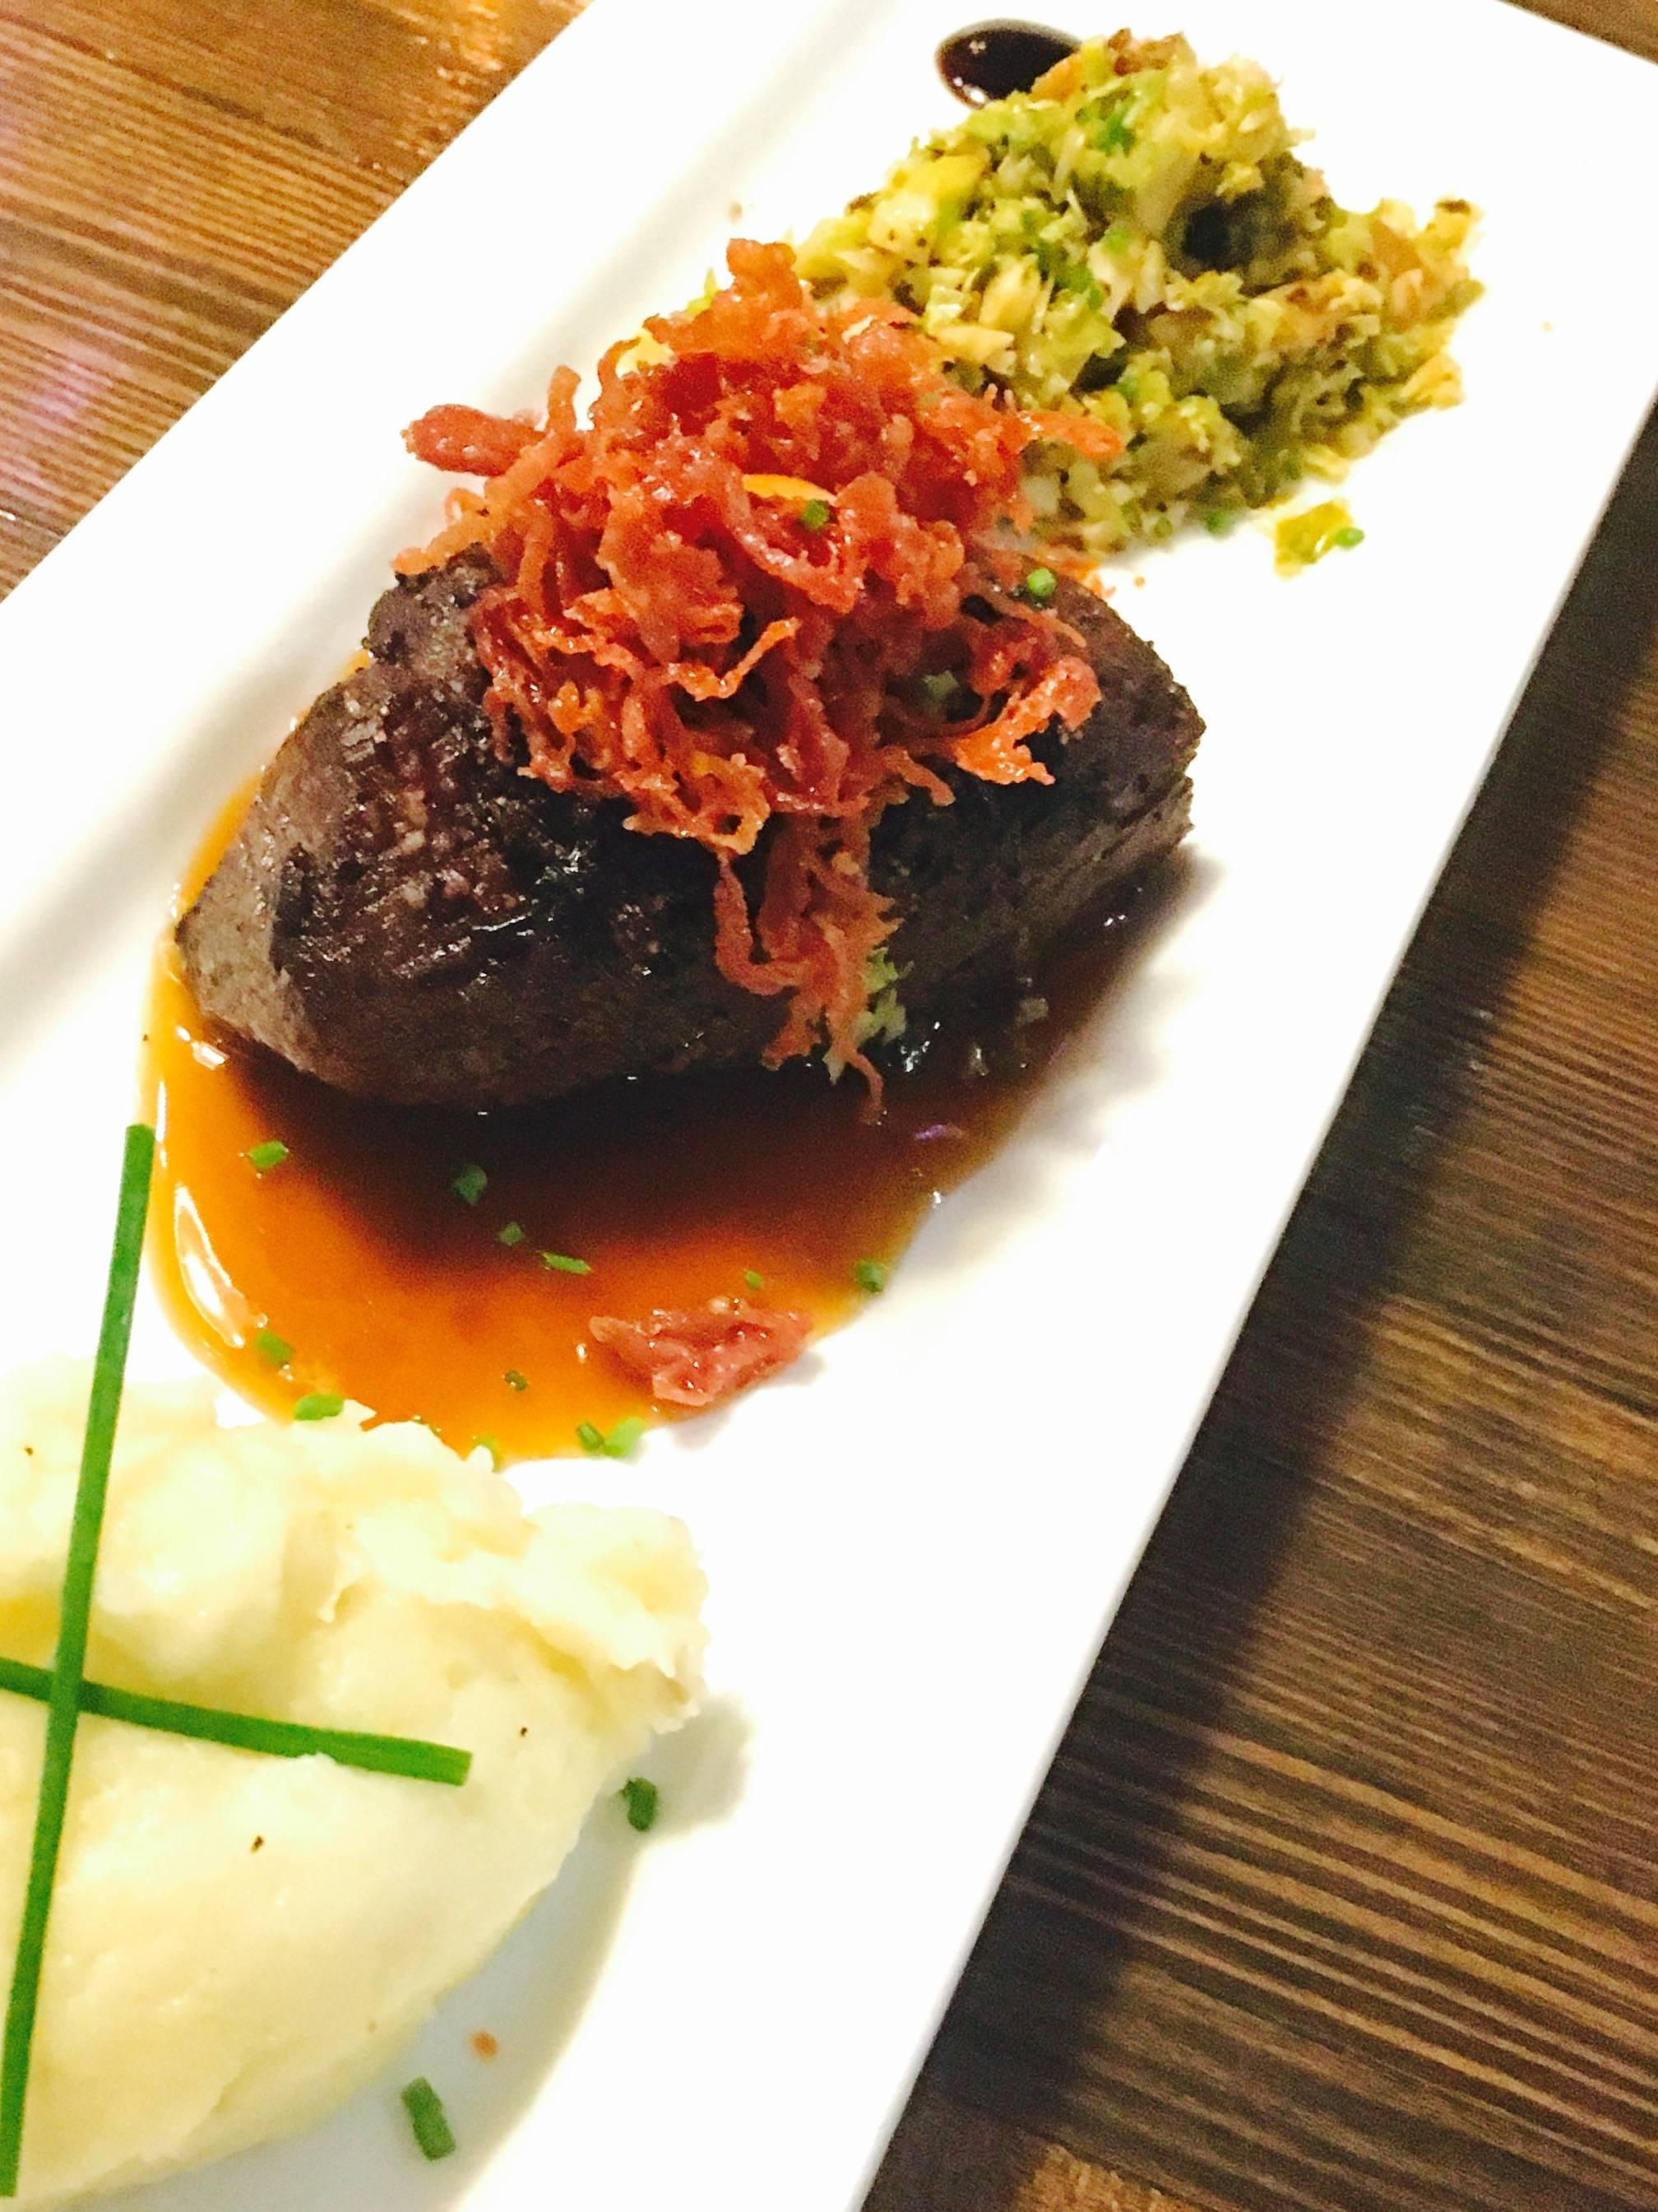 f97a440909ce23329a5c_Steak.jpg